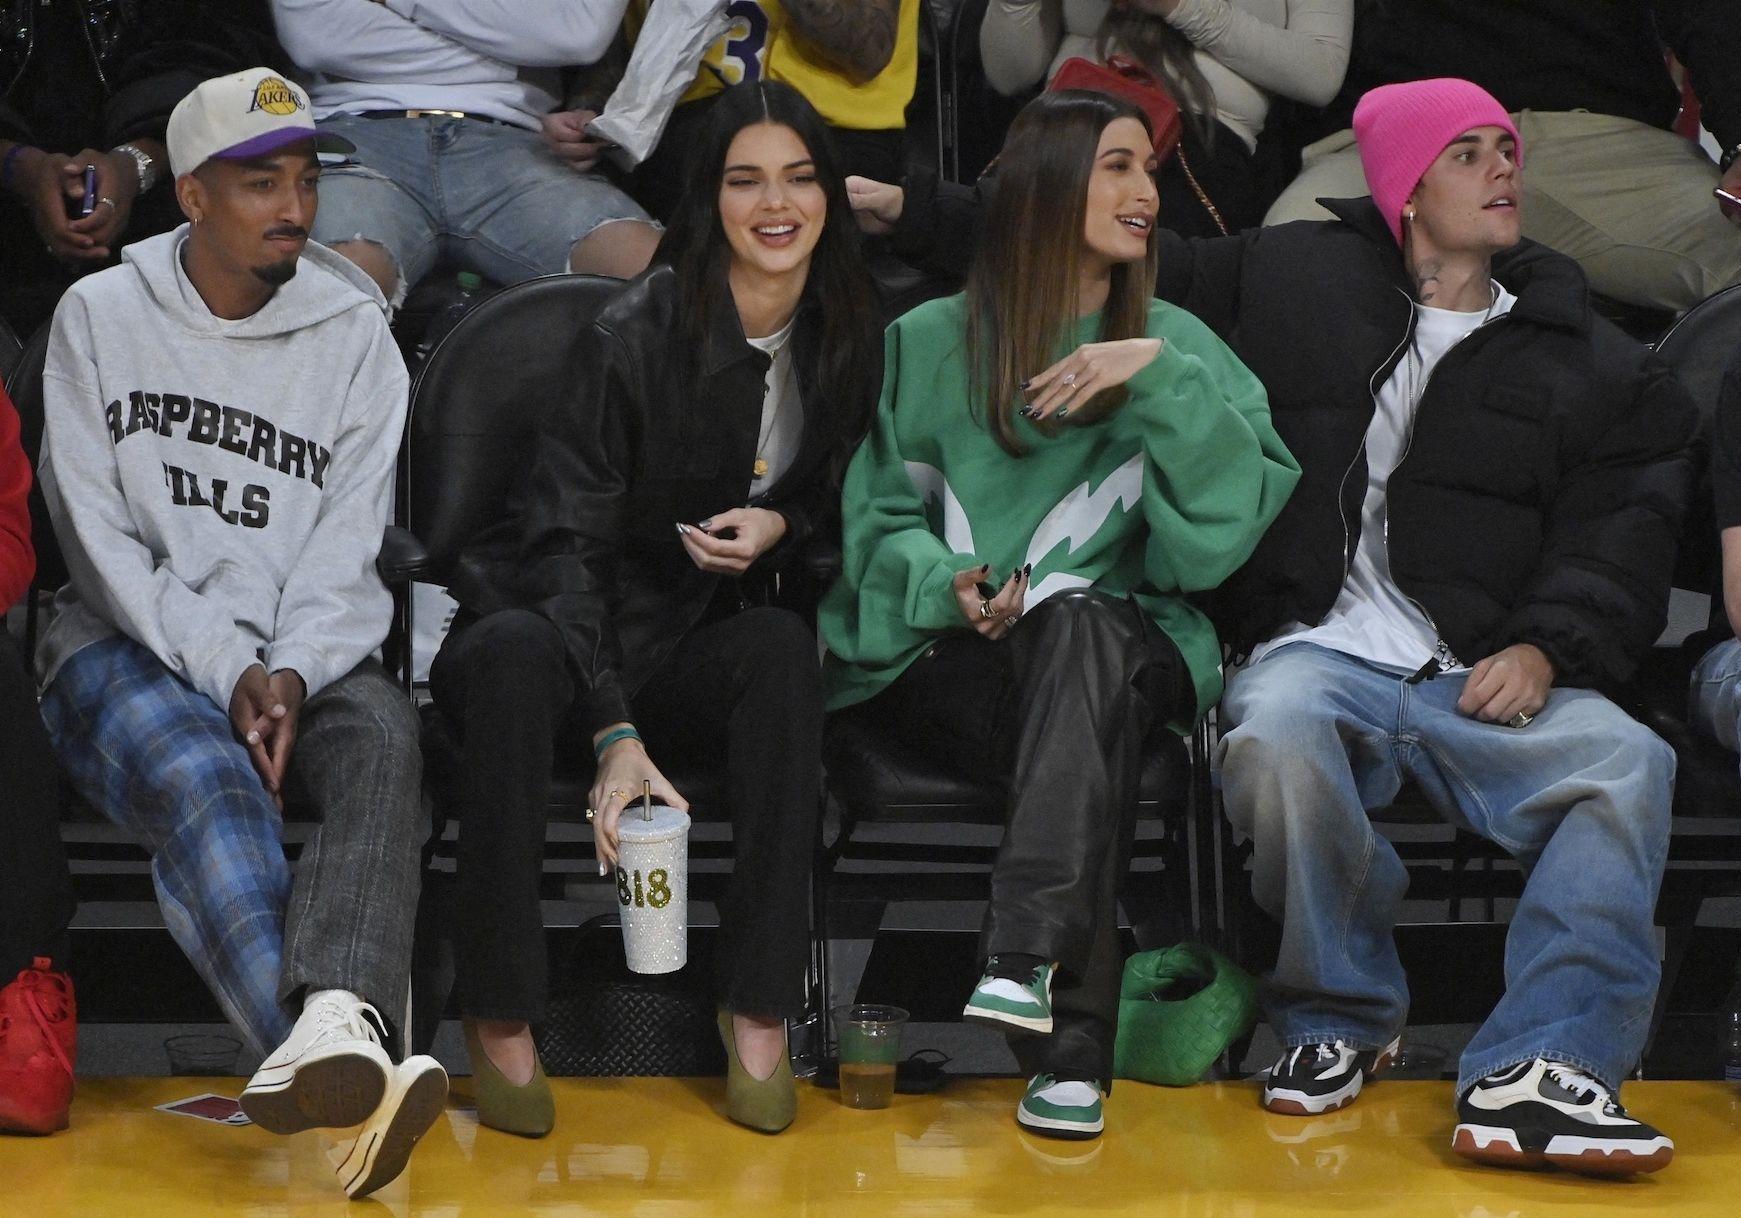 Kendall Jenner, Hailey et Justin Bieber réunis dans les tribunes d'un match de basket